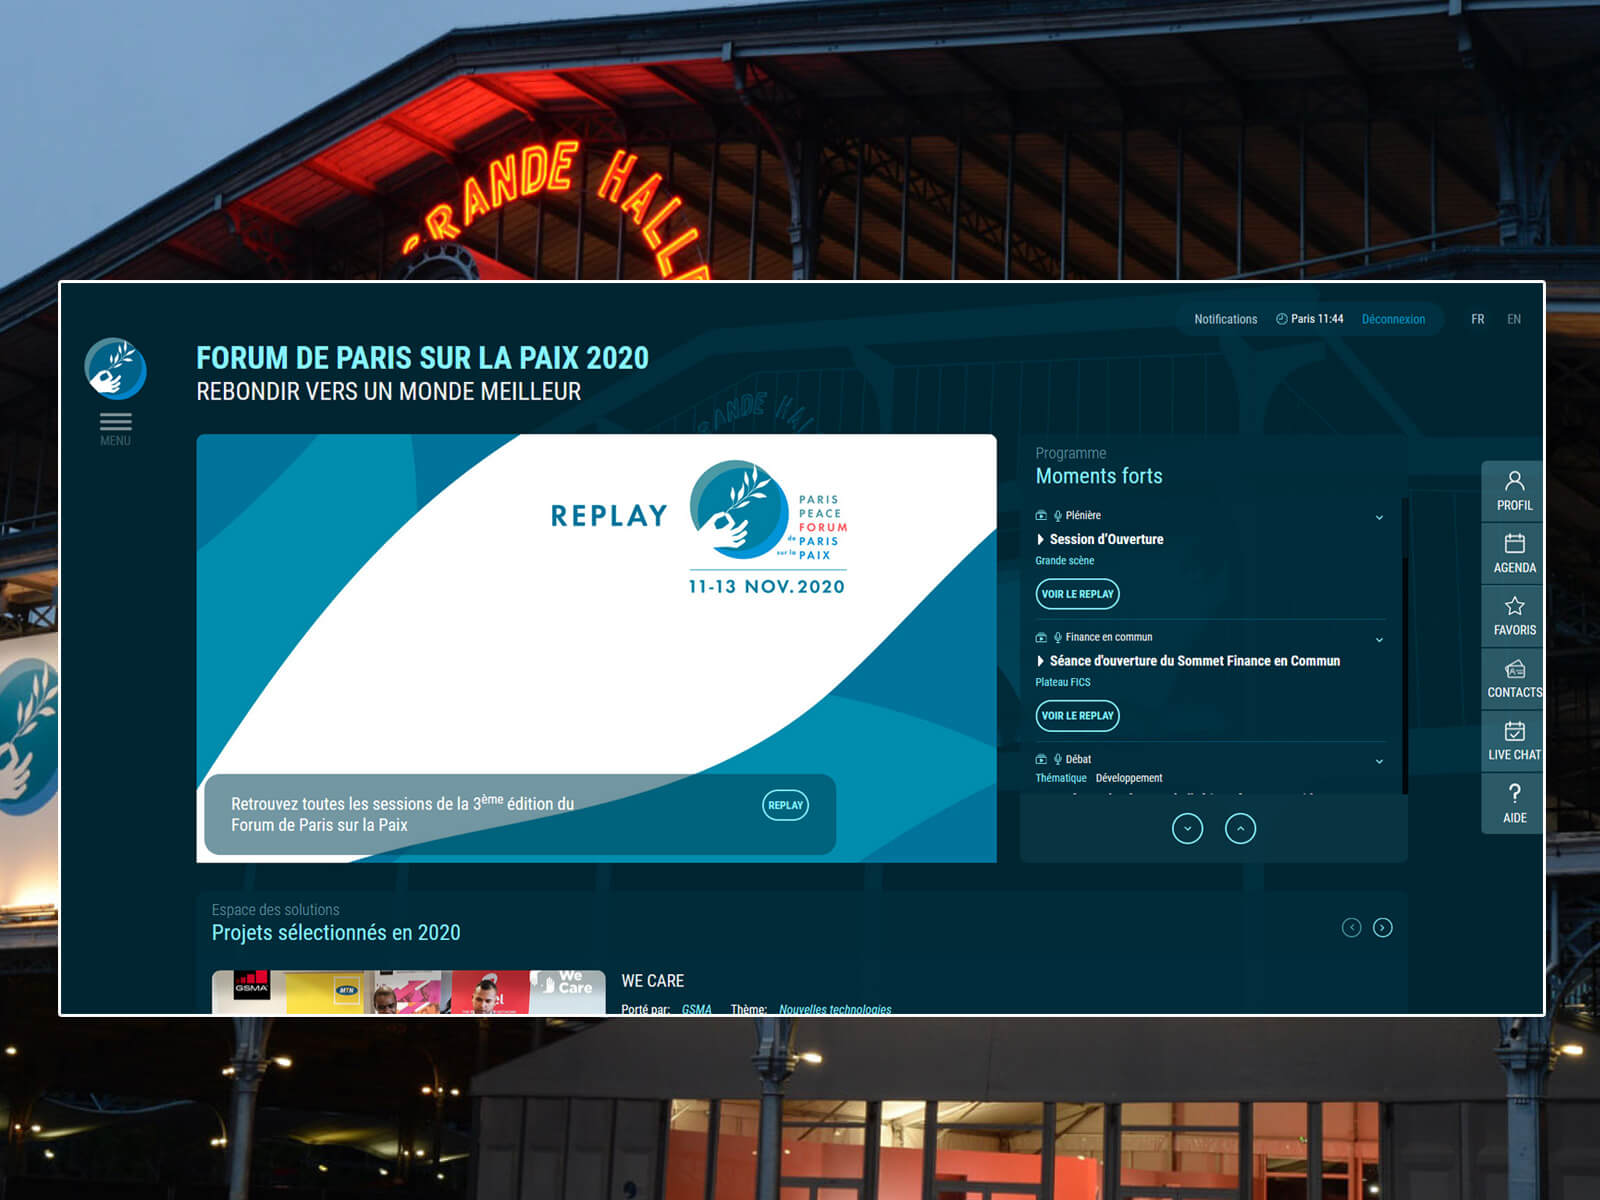 Hybricks : La nouvelle plateforme de gestion évenementielle en distanciel